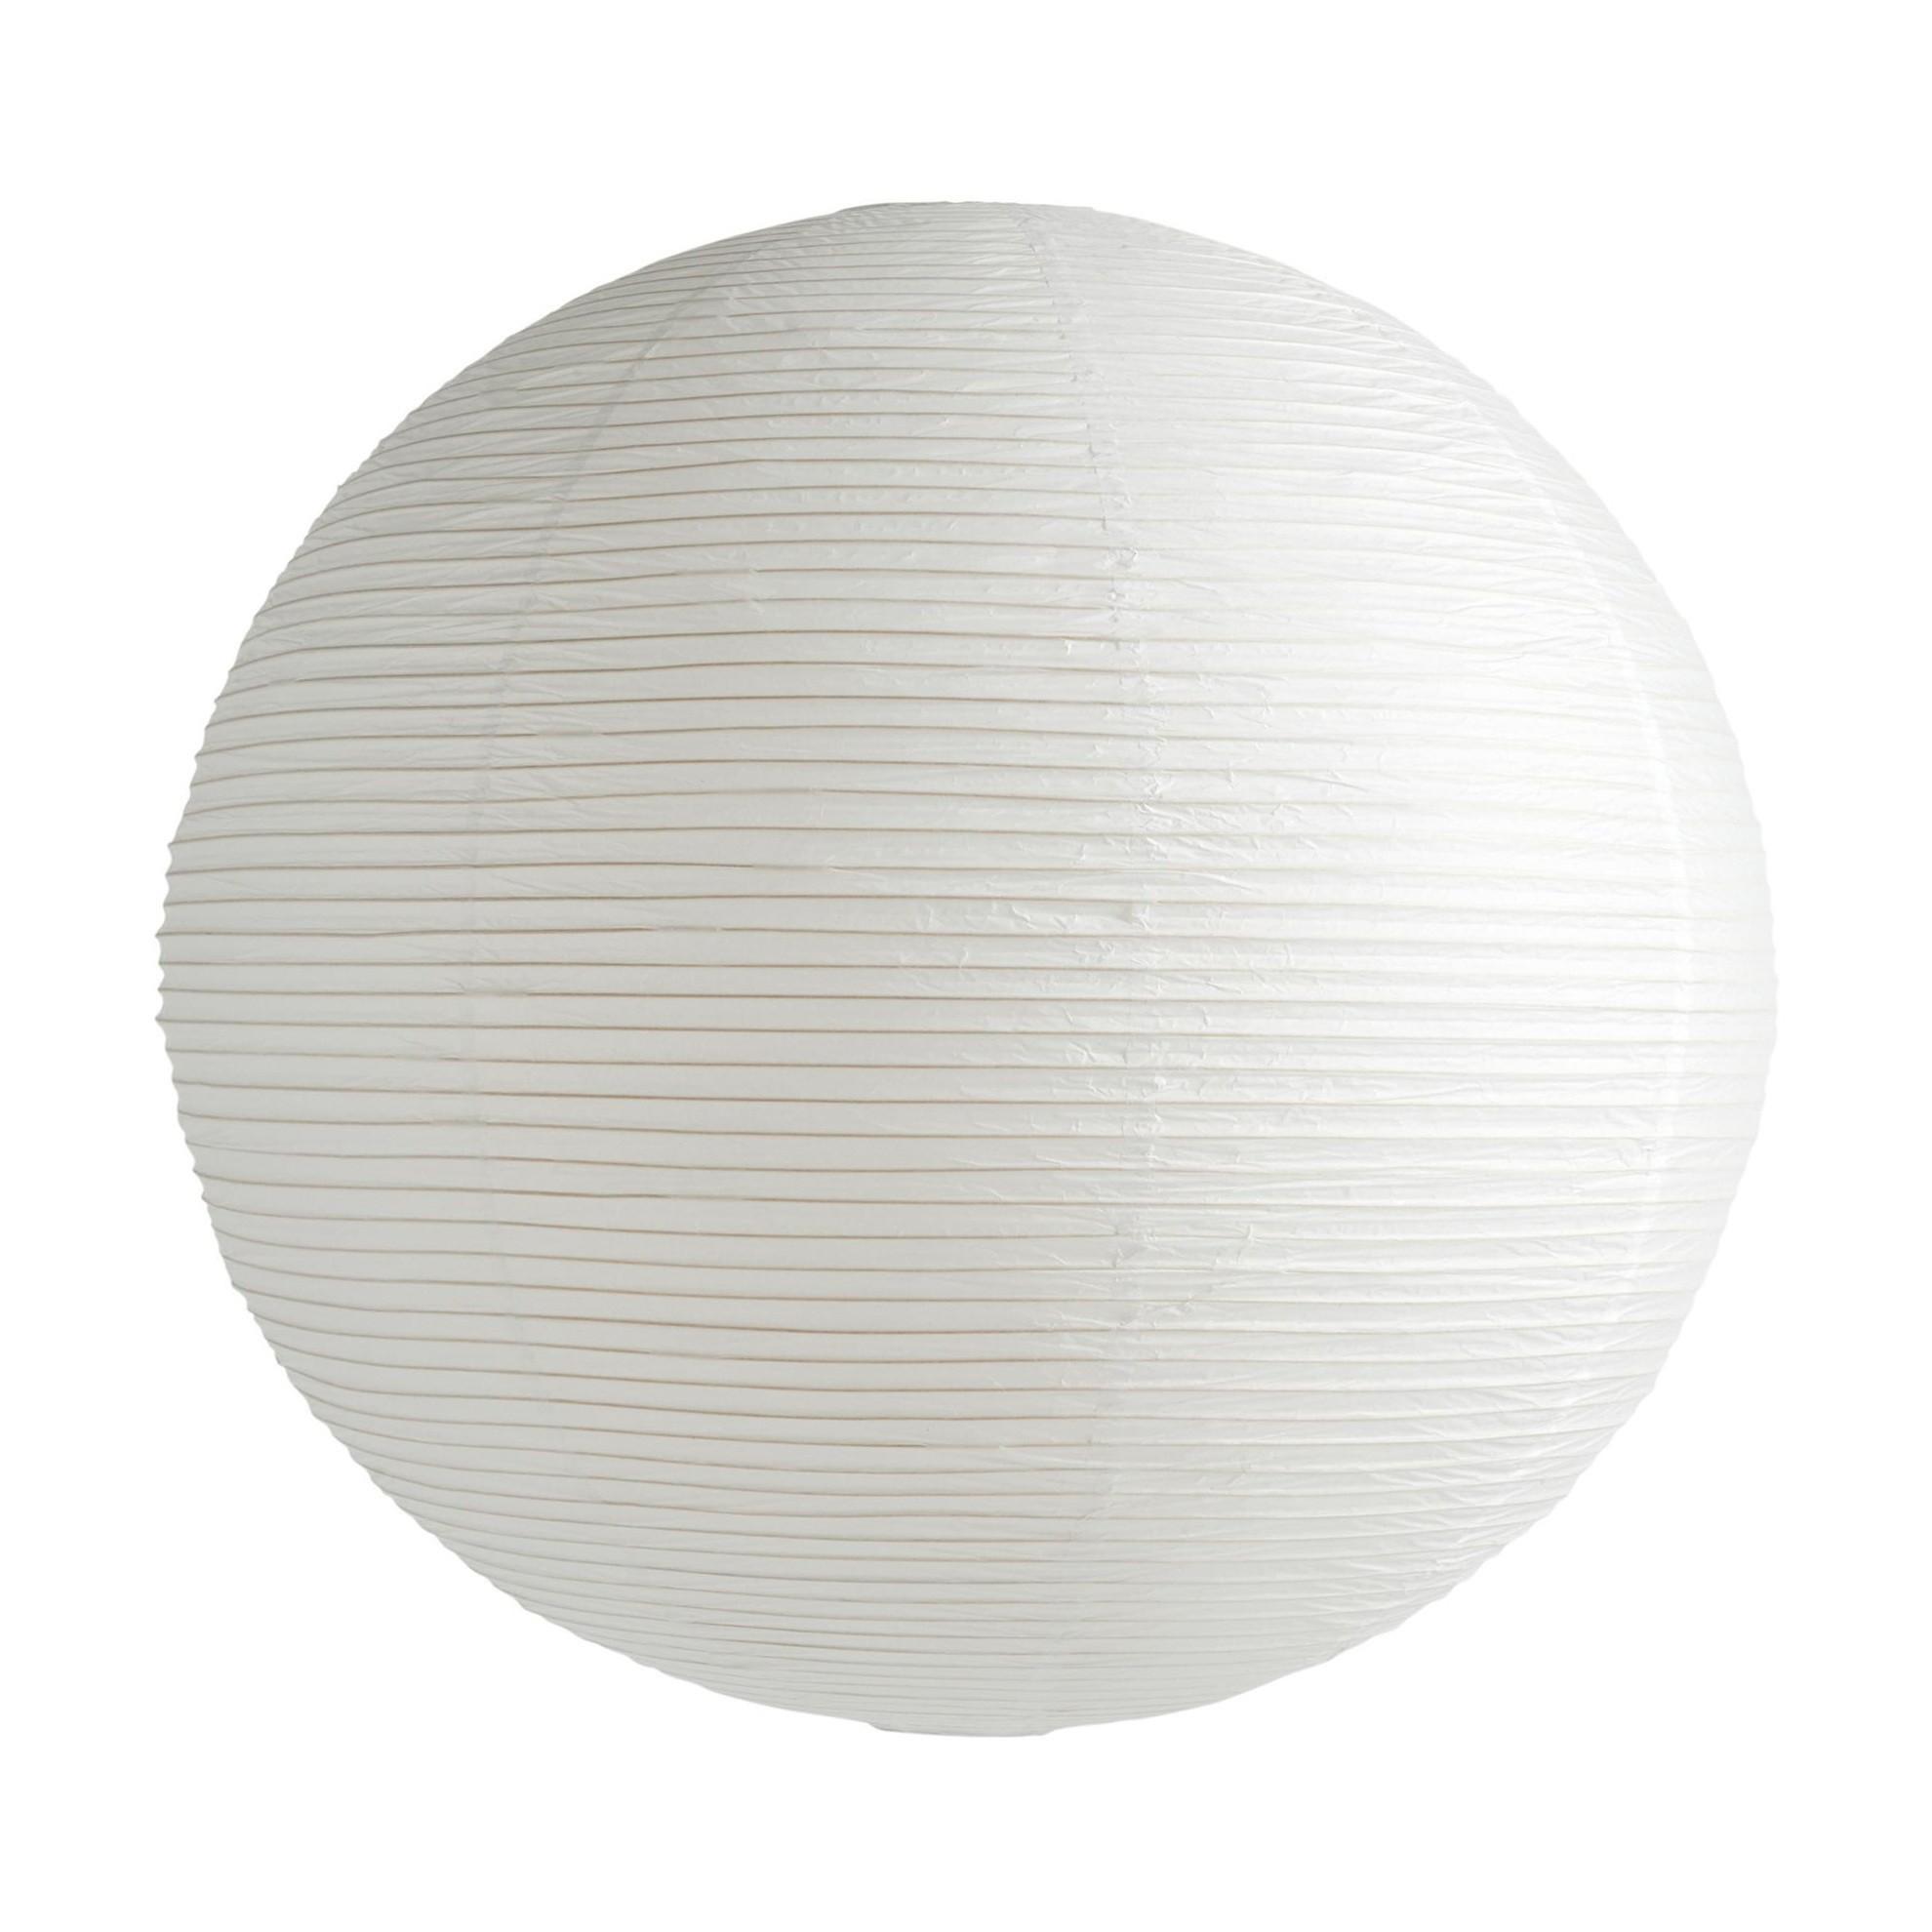 Lampe Suspension Papier Design rice paper shade